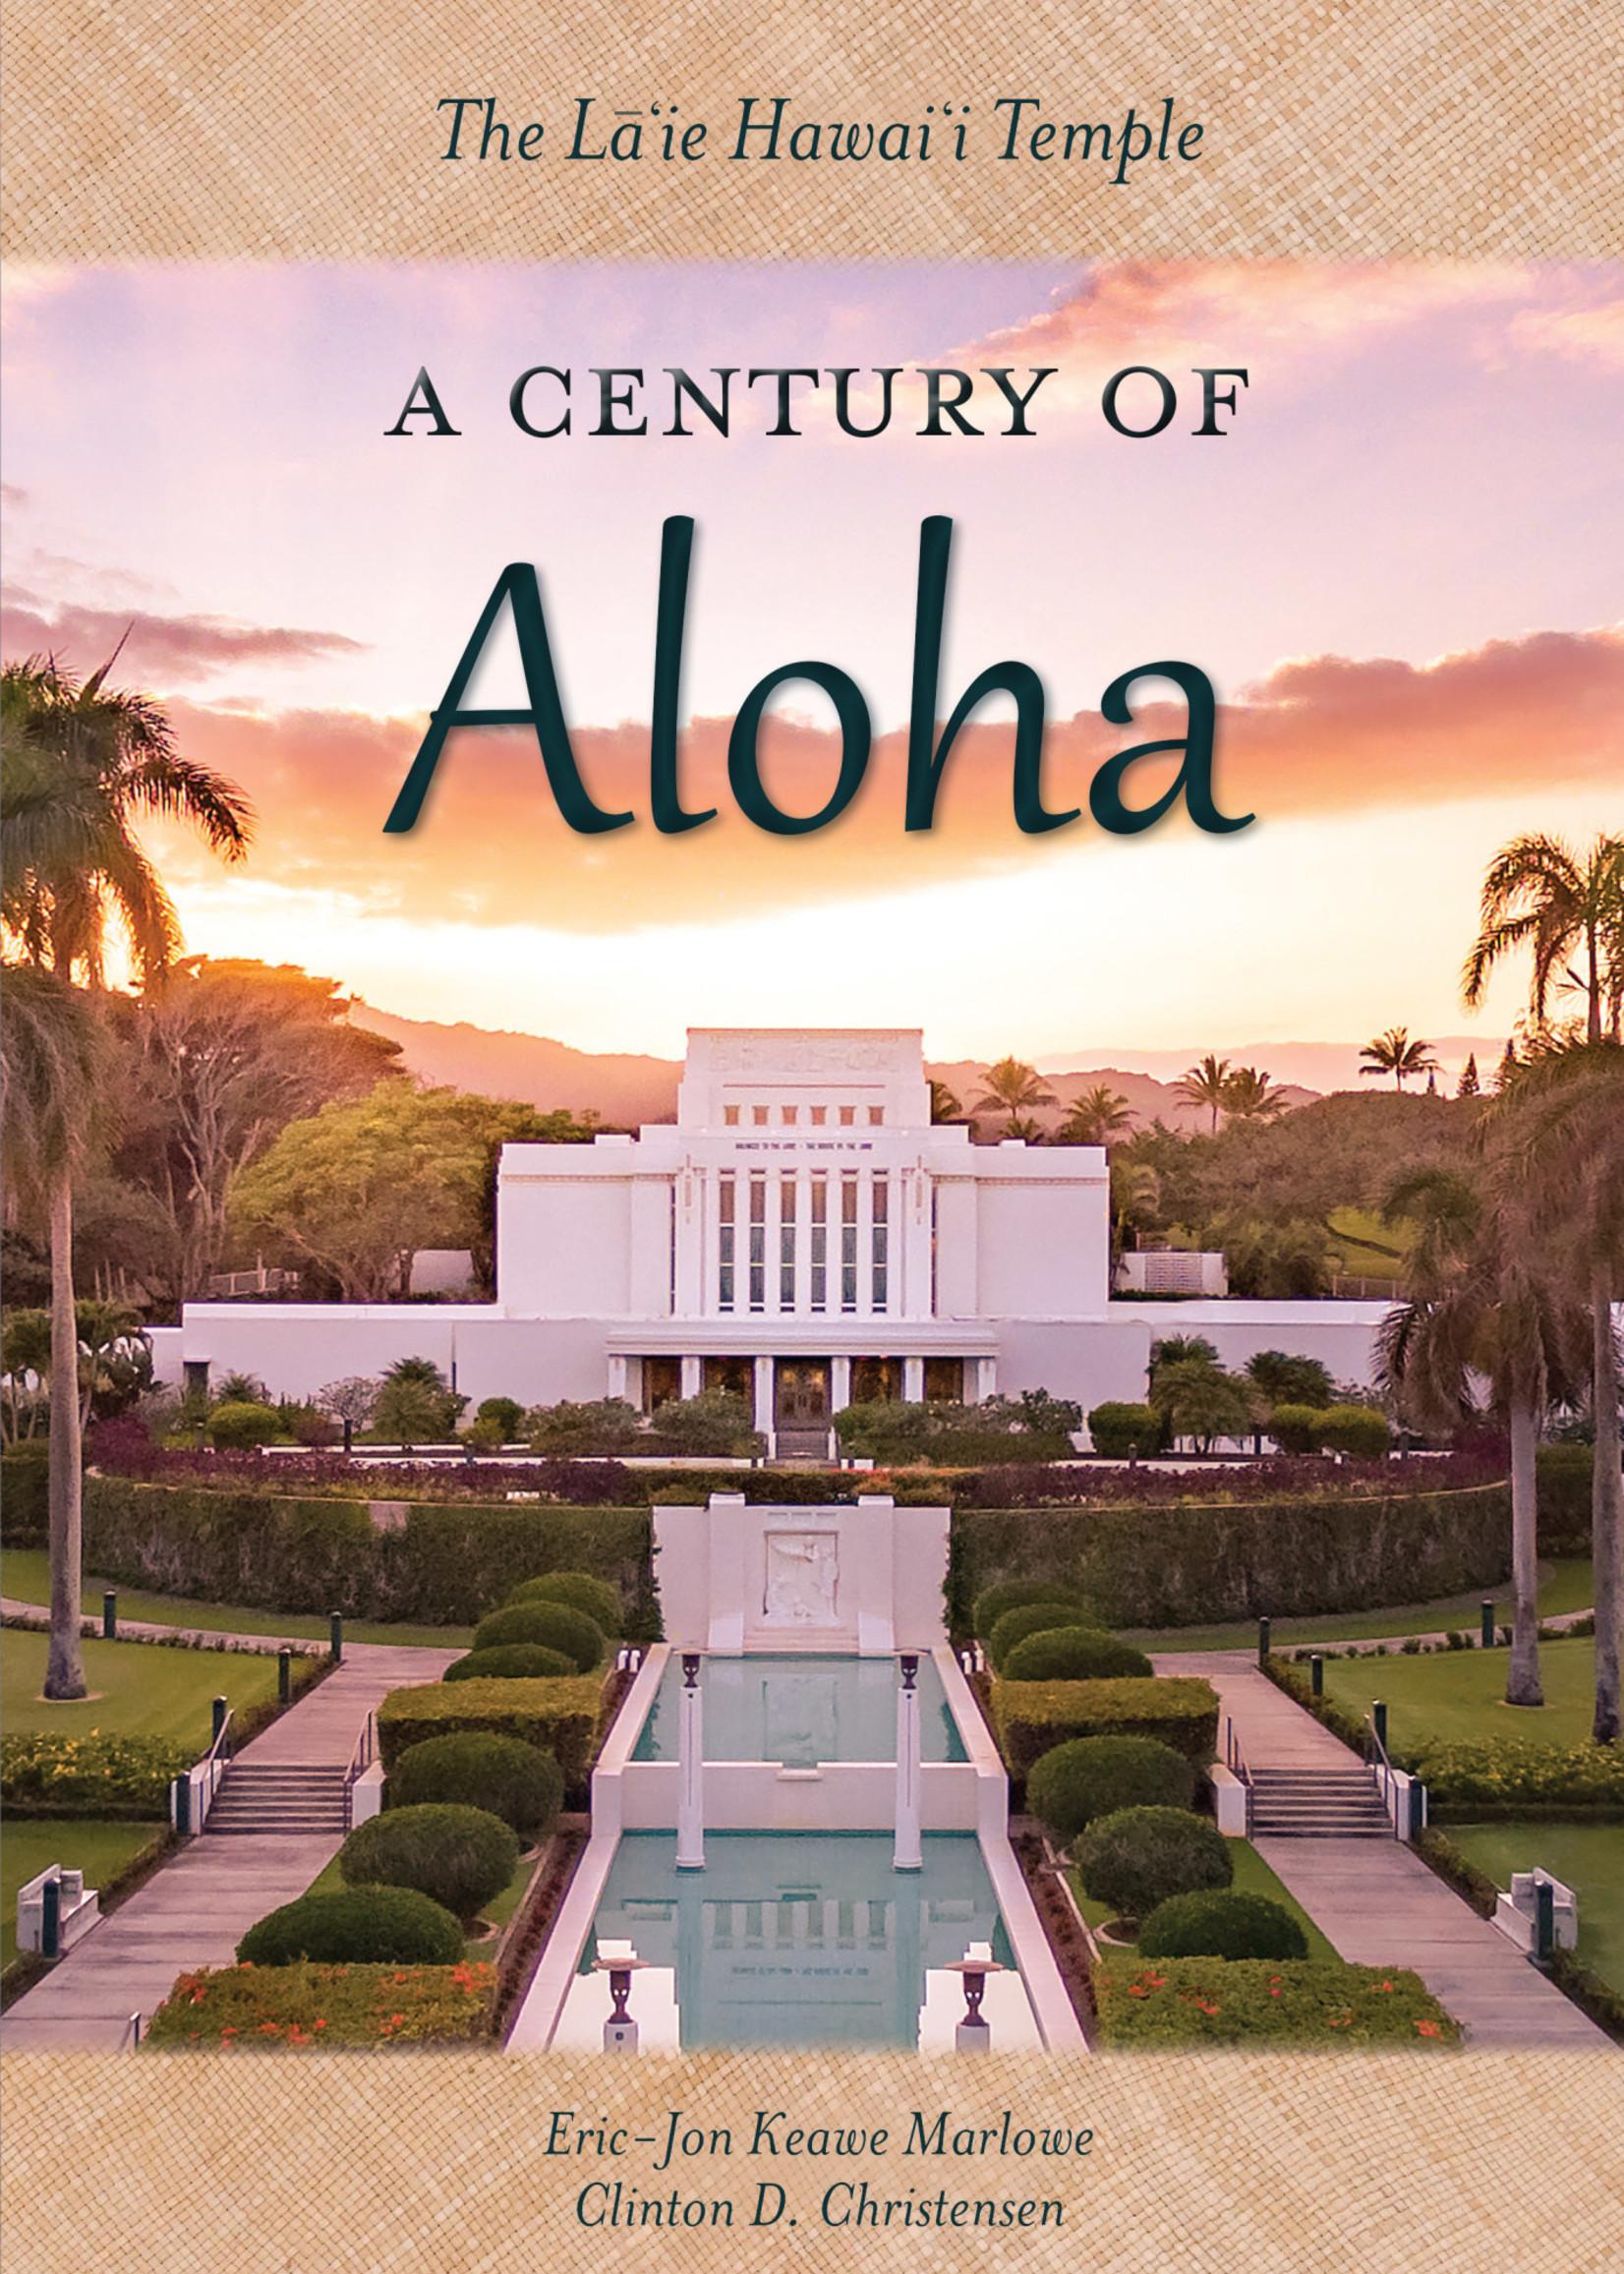 The Laie Hawaii Temple-A Century of Aloha - Marlowe